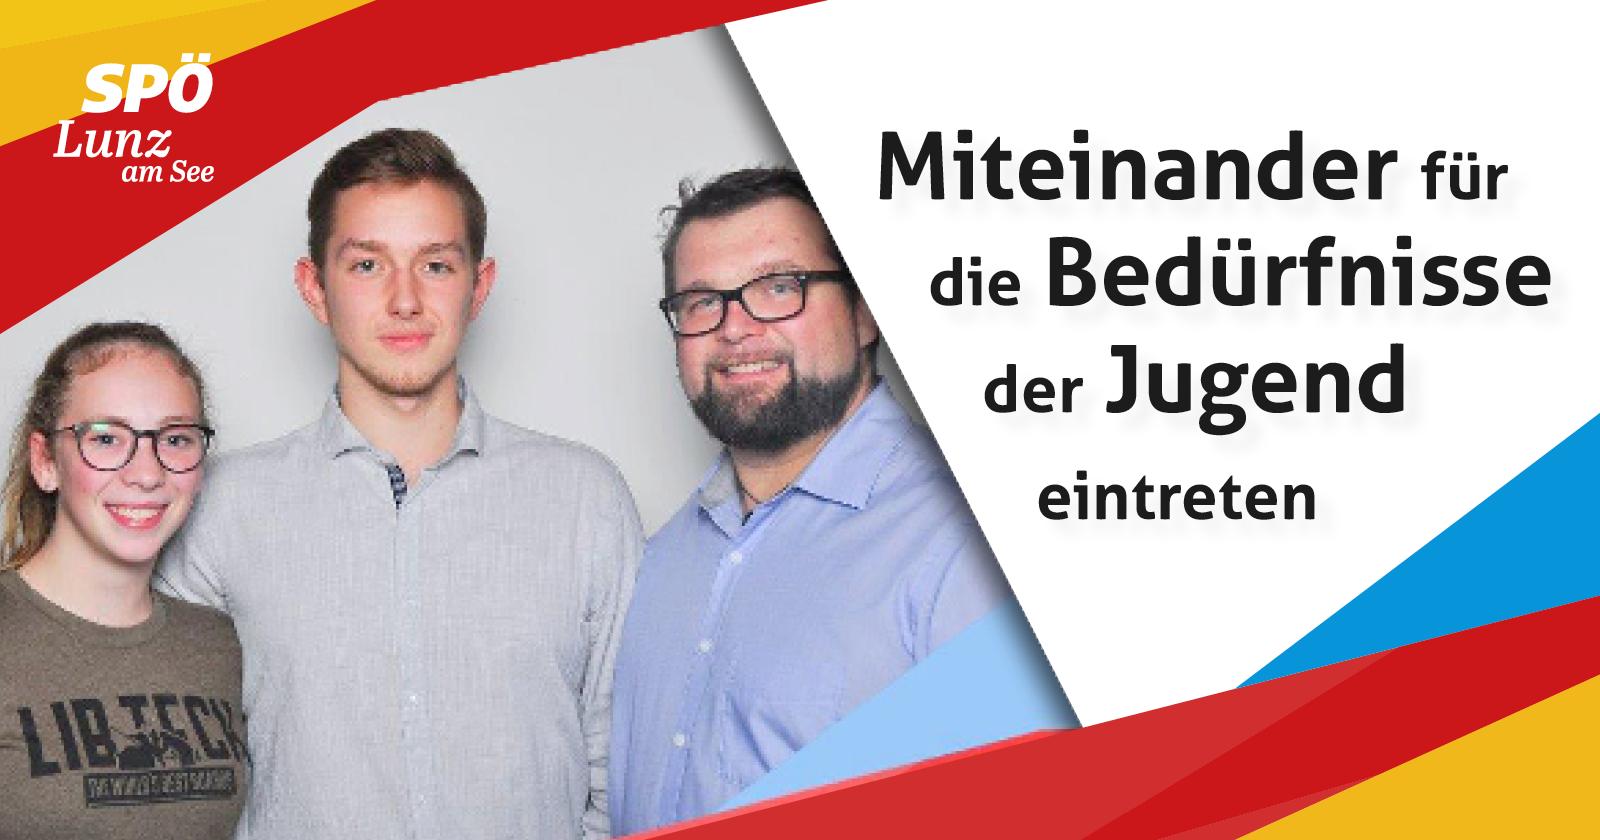 Miteinander für die Bedürfnisse der Jugend eintreten - SPÖ Lunz am See